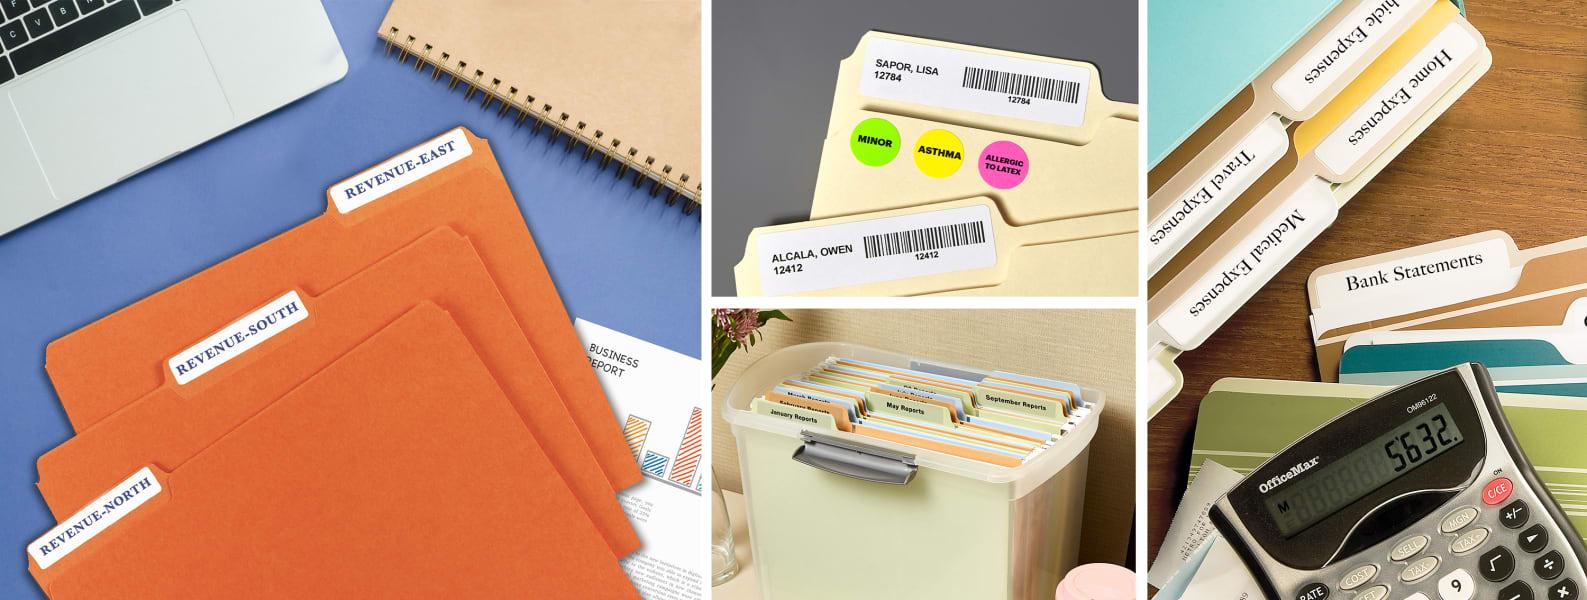 file folder labels orange calculator